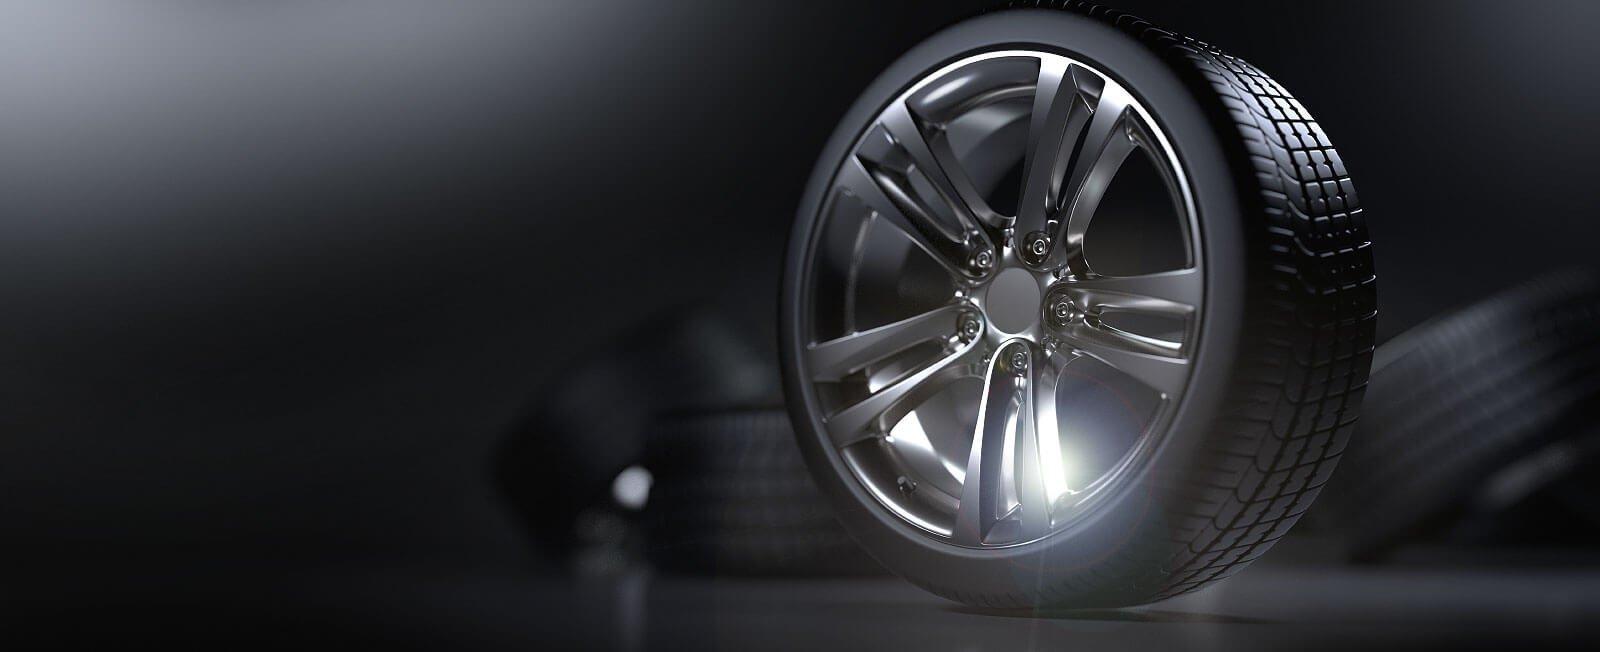 De bedste dækpriser online